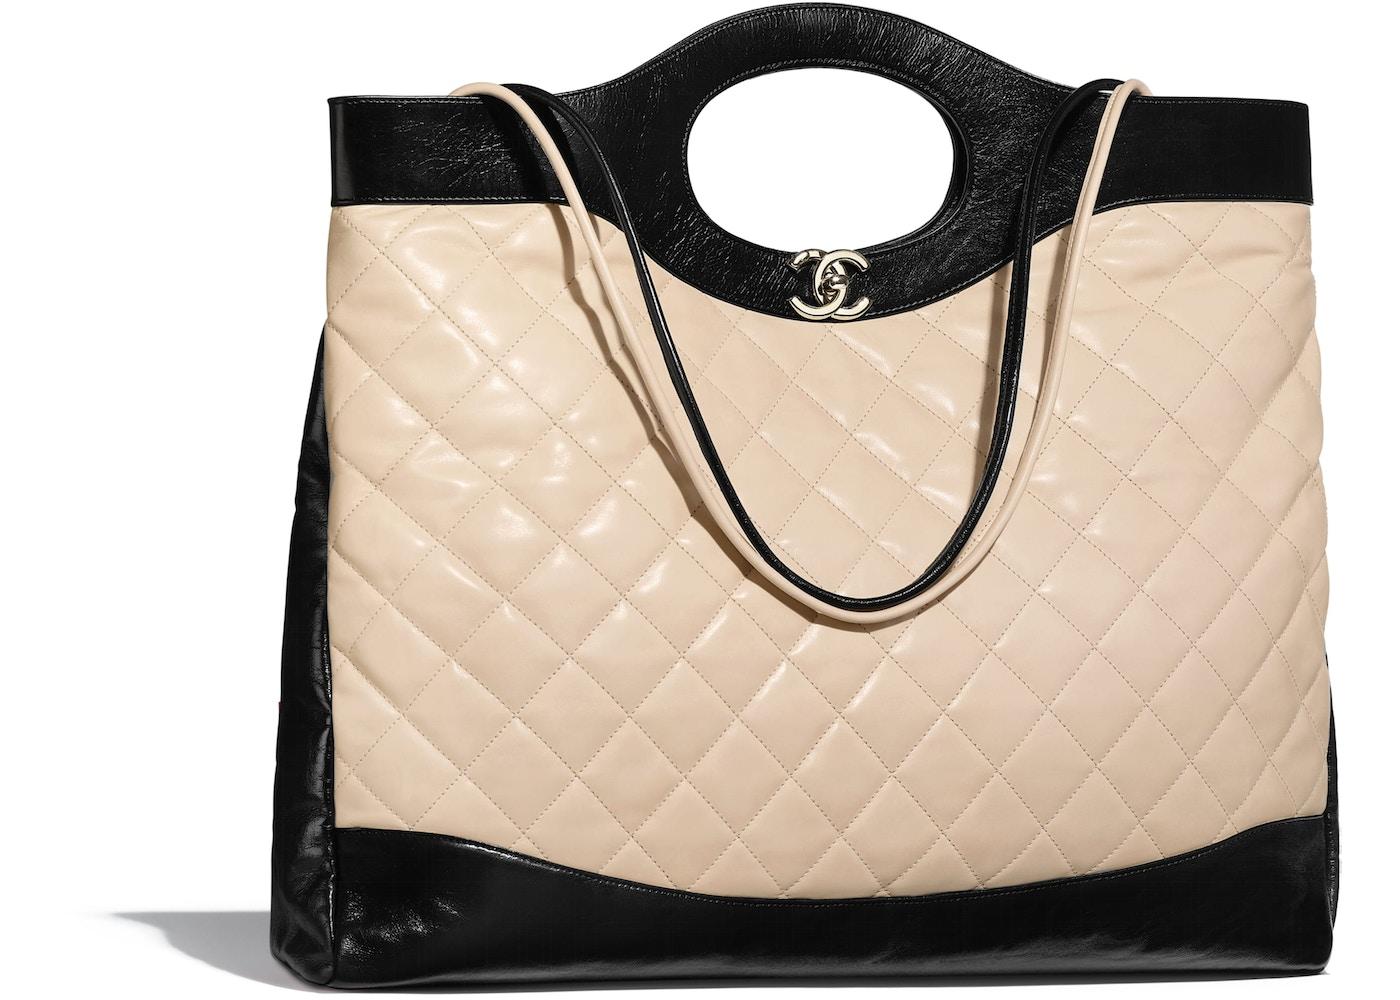 87ef0447fa Chanel 31 Shopping Bag Large Beige/Black